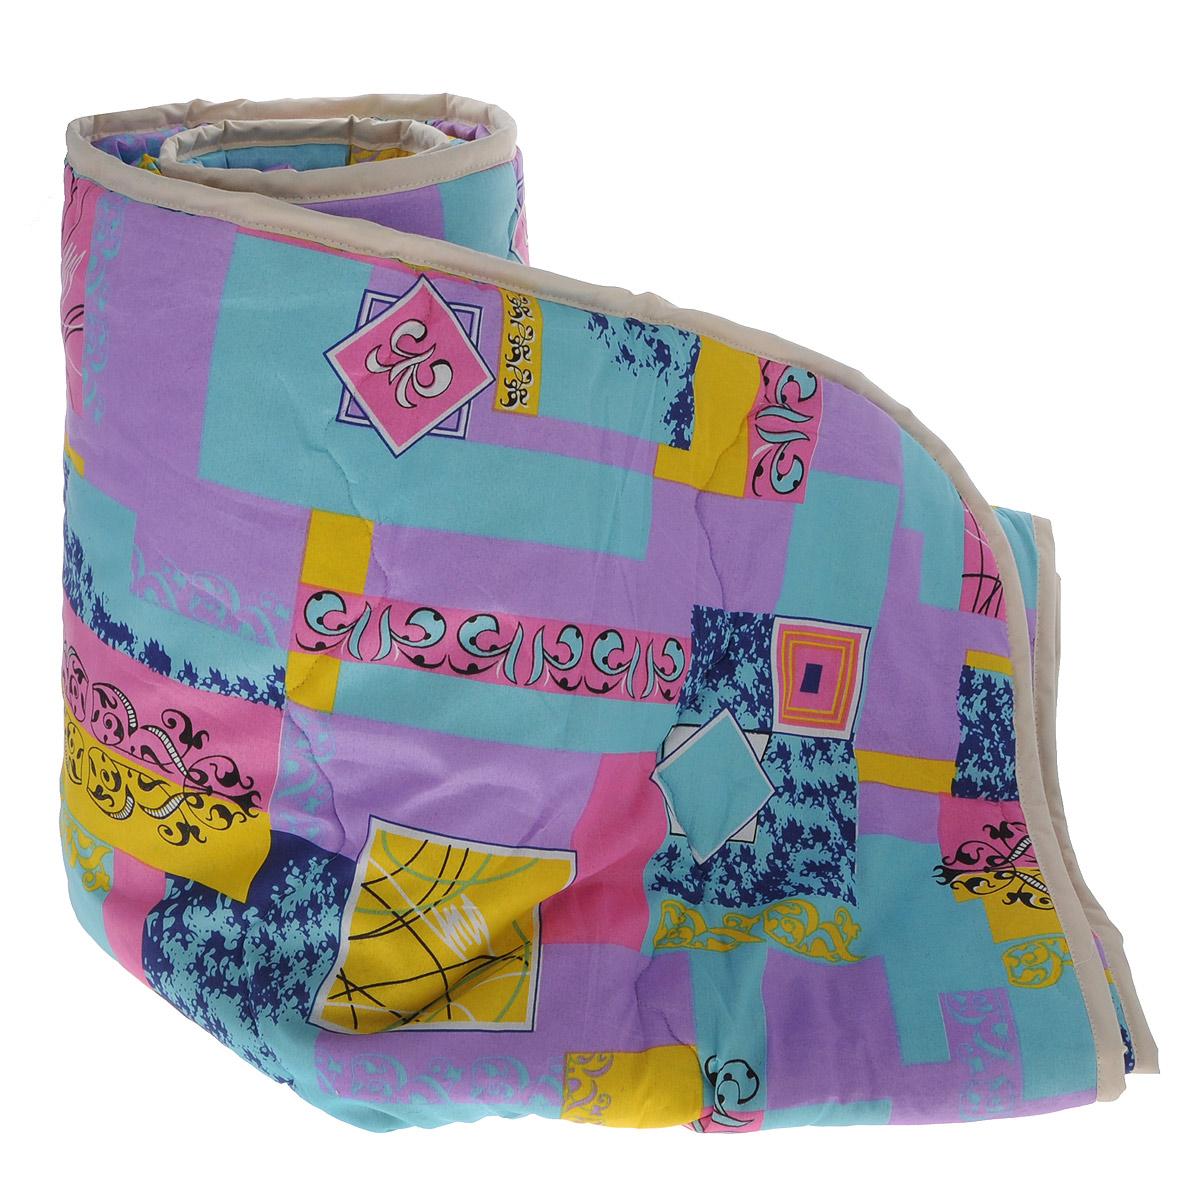 Одеяло всесезонное OL-Tex Miotex, наполнитель: полиэфирное волокно Holfiteks, цвет: желтый, бирюзовый, сиреневый, 200 х 220 смМХПЭ-22-3_желтый, бирюзовый, сиреневыйВсесезонное одеяло OL-Tex Miotex создаст комфорт и уют во время сна. Чехол выполнен из полиэстера и оформлен красочным рисунком. Внутри - современный наполнитель из полиэфирного высокосиликонизированного волокна Holfiteks, упругий и качественный. Прекрасно держит тепло. Одеяло с наполнителем Holfiteks легкое и комфортное. Даже после многократных стирок не теряет свою форму, наполнитель не сбивается, так как одеяло простегано и окантовано. Не вызывает аллергии. Holfiteks - это возможность легко ухаживать за своими постельными принадлежностями. Можно стирать в машинке, изделия быстро и полностью высыхают - это обеспечивает гигиену спального места при невысокой цене на продукцию. Плотность: 300 г/м2.